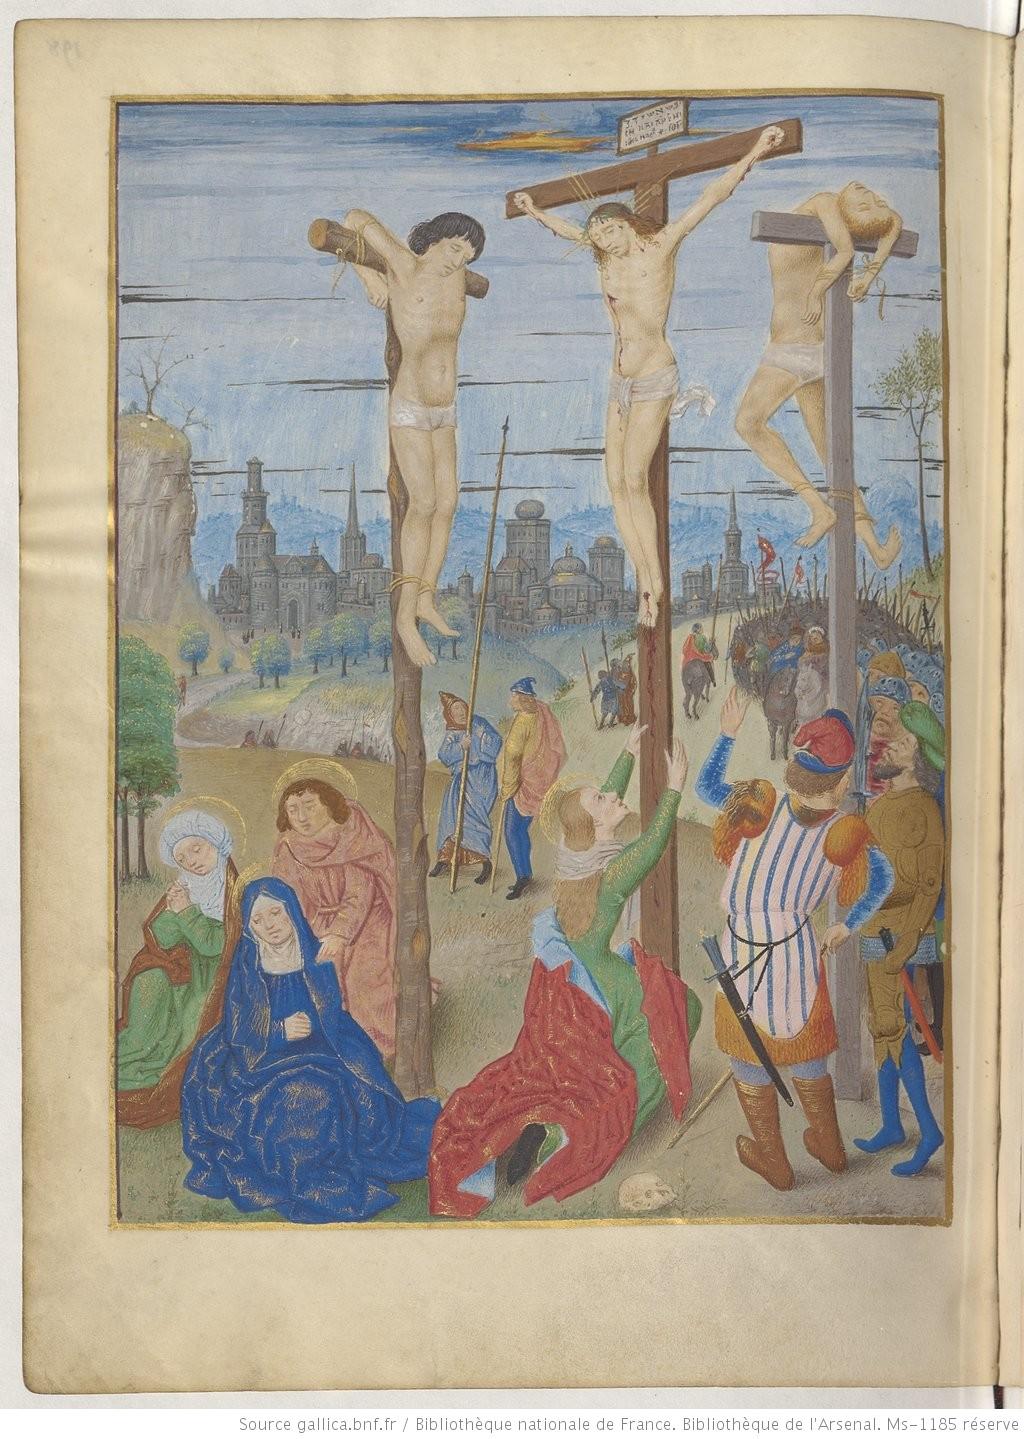 Maitre d'Antoine Rolin Heures de Boussu, 1490-96 BNF Arsenal. Ms-1185 réserve fol 198v Gallica